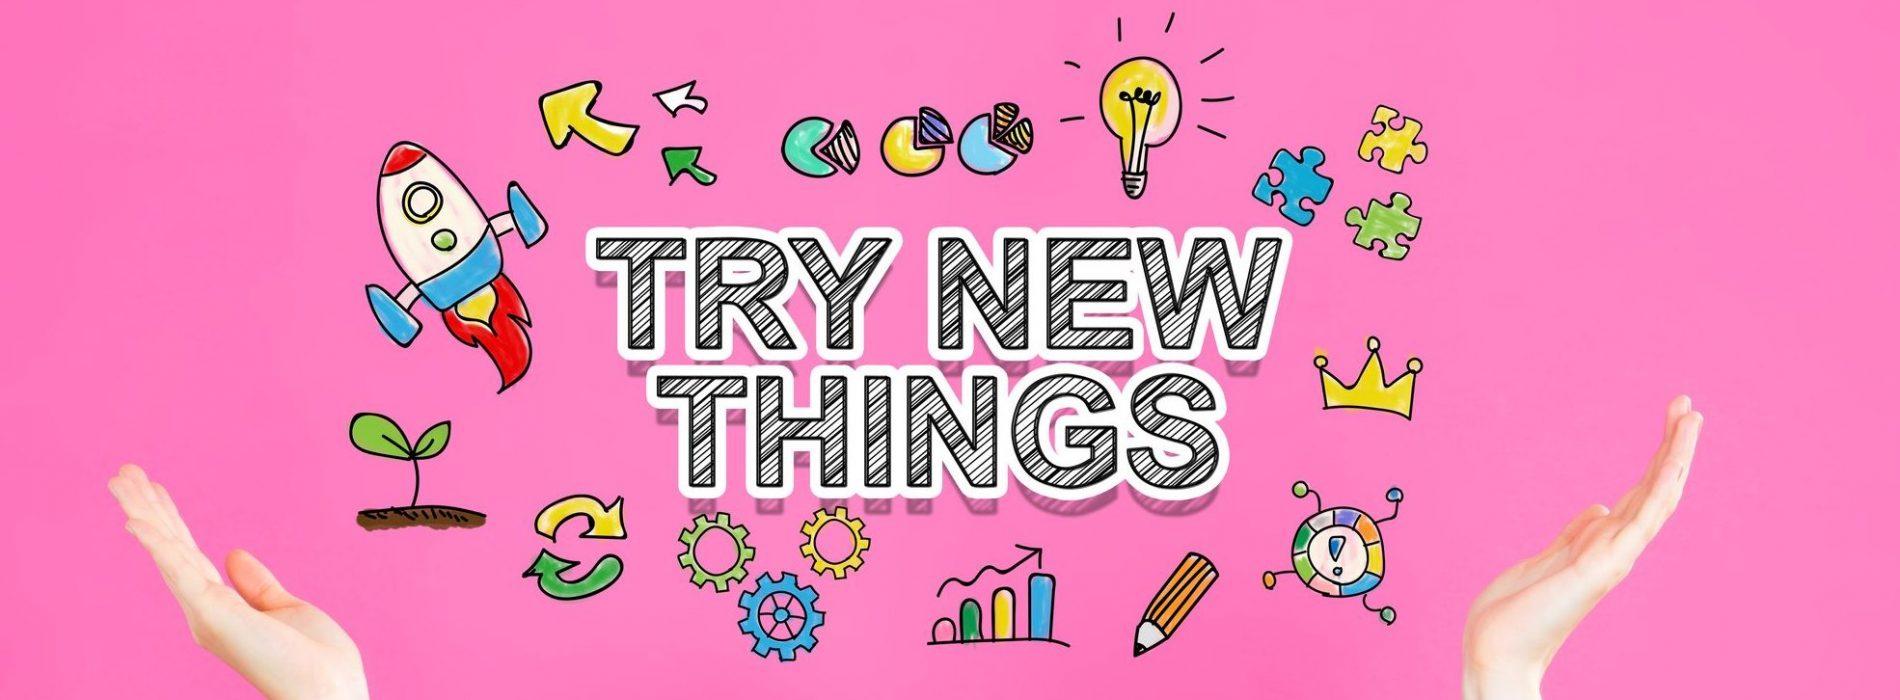 New habits, new adventure!